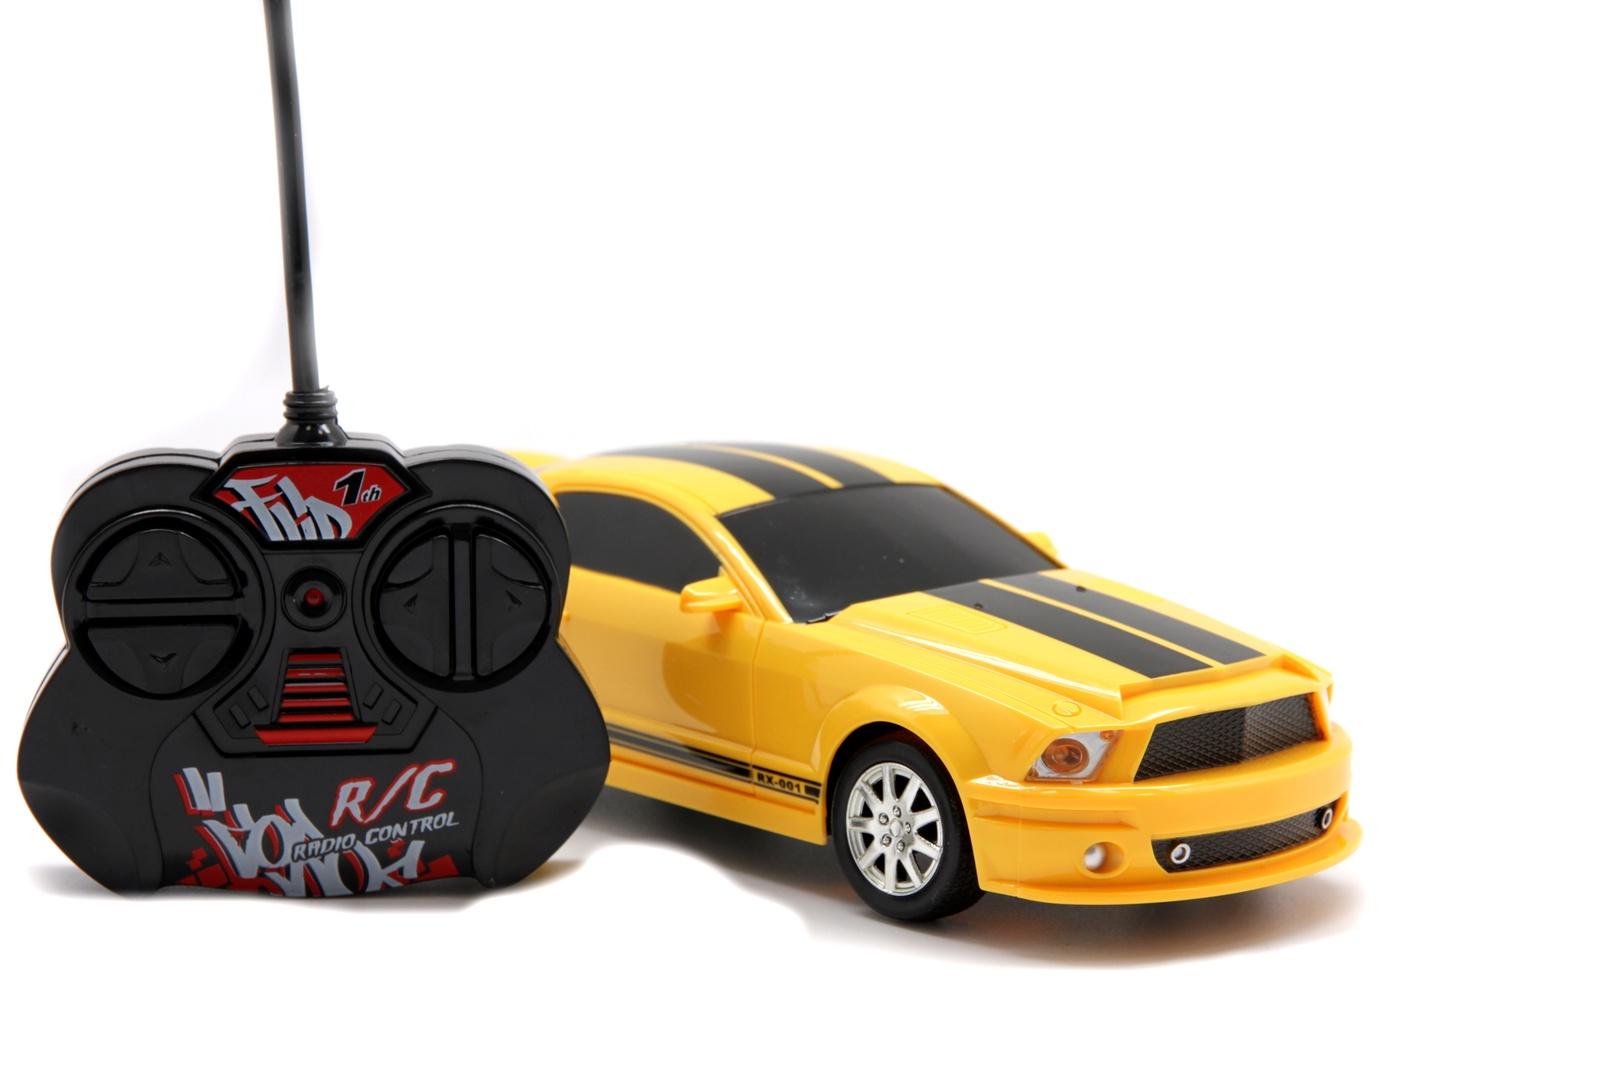 Машинка радиоуправляемая Balbi RCS-2001A, A0G1081628 желтый, черный автомобиль balbi автомобиль черный от 5 лет пластик металл rcs 2401 a